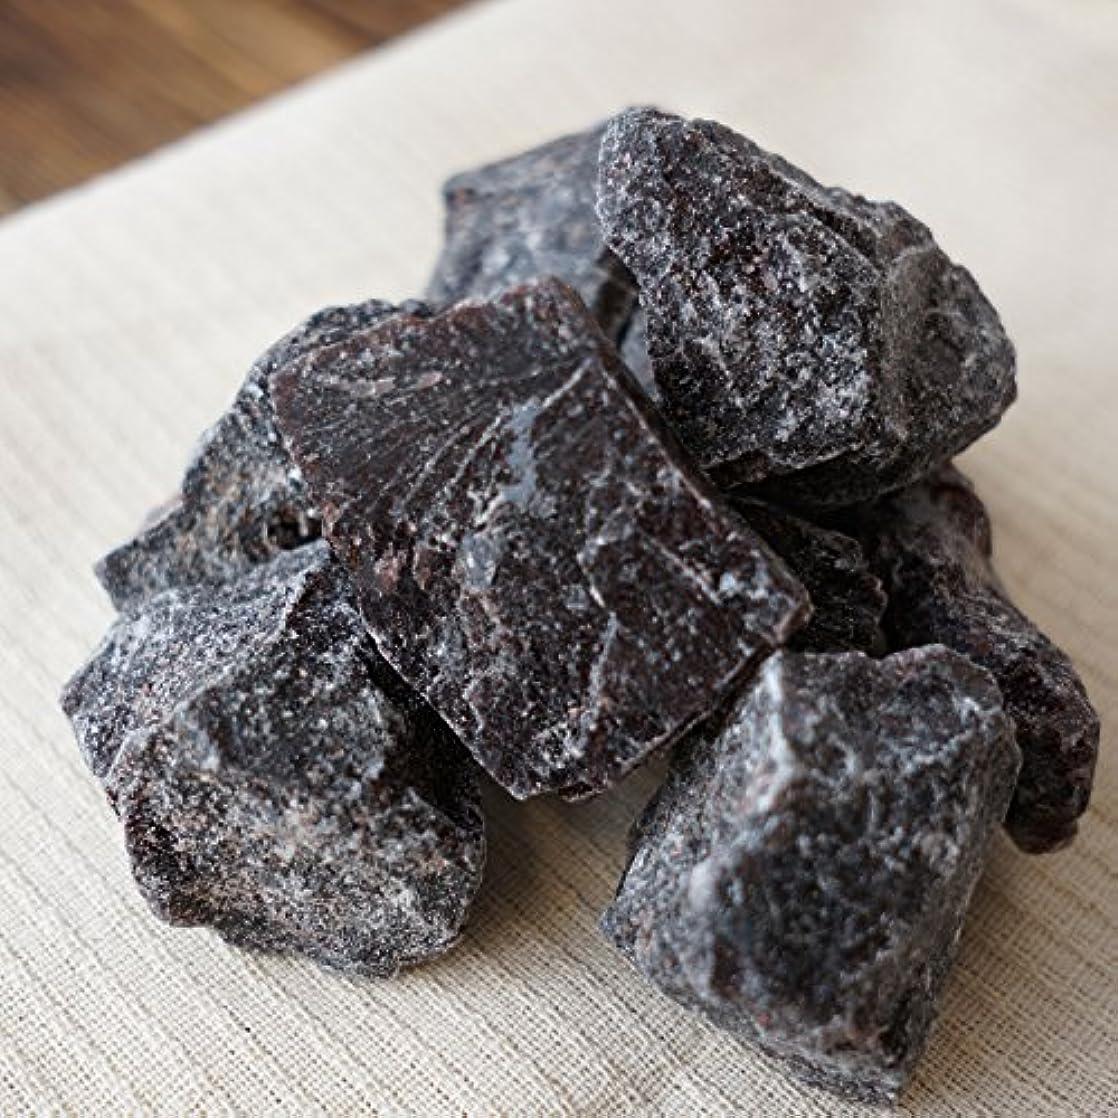 惑星シャーク個人的に希少 インド岩塩 ルビー ブロック 約2-5cm 5,000g 原料